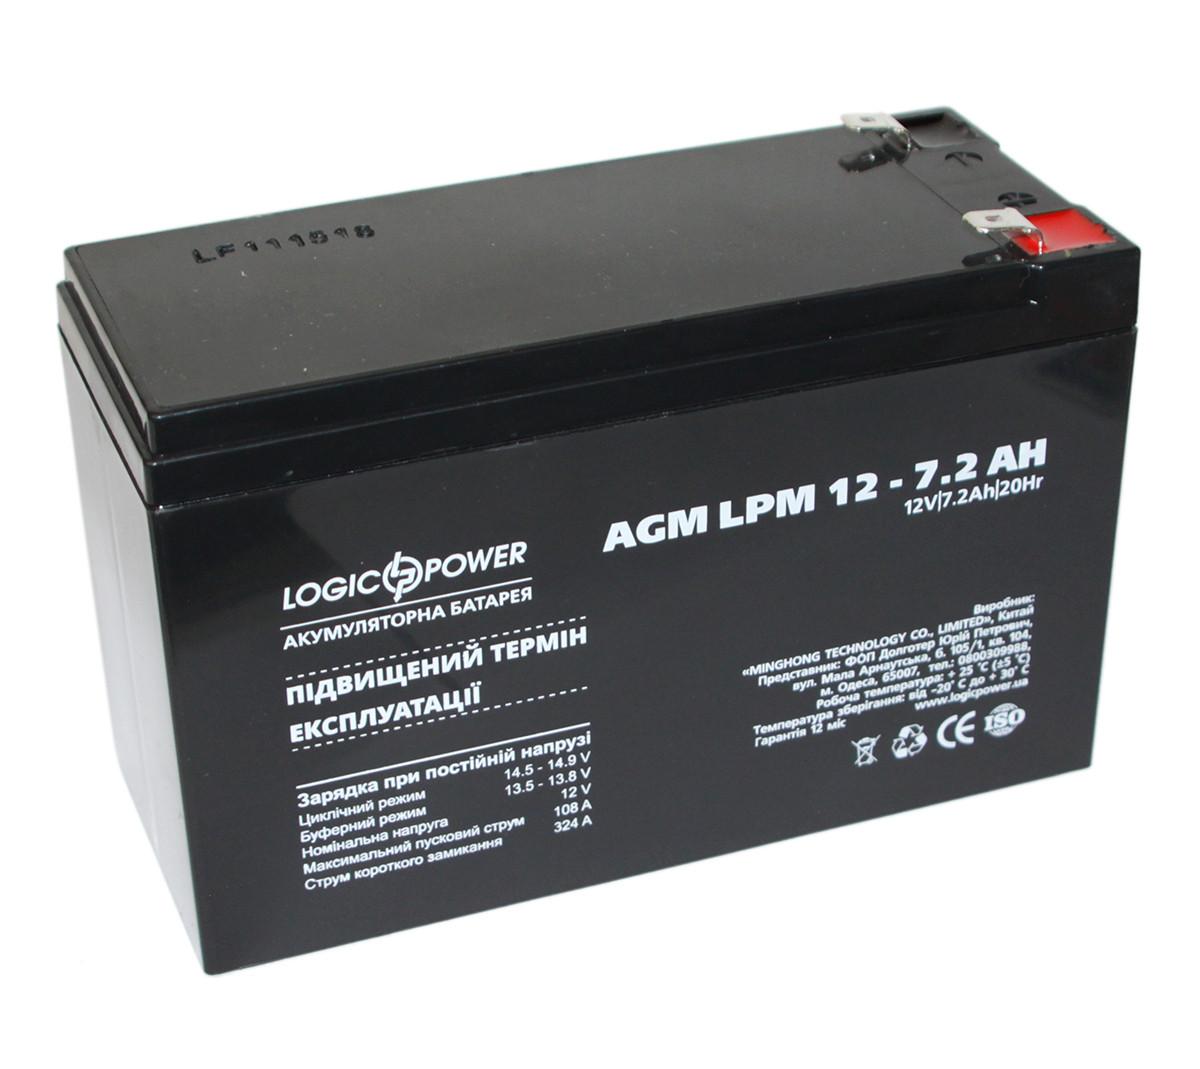 Аккумулятор для ИБП 12В 7.2Ач LogicPower, AGM LPM12-7.2AH, ШхДхВ 150x64x94